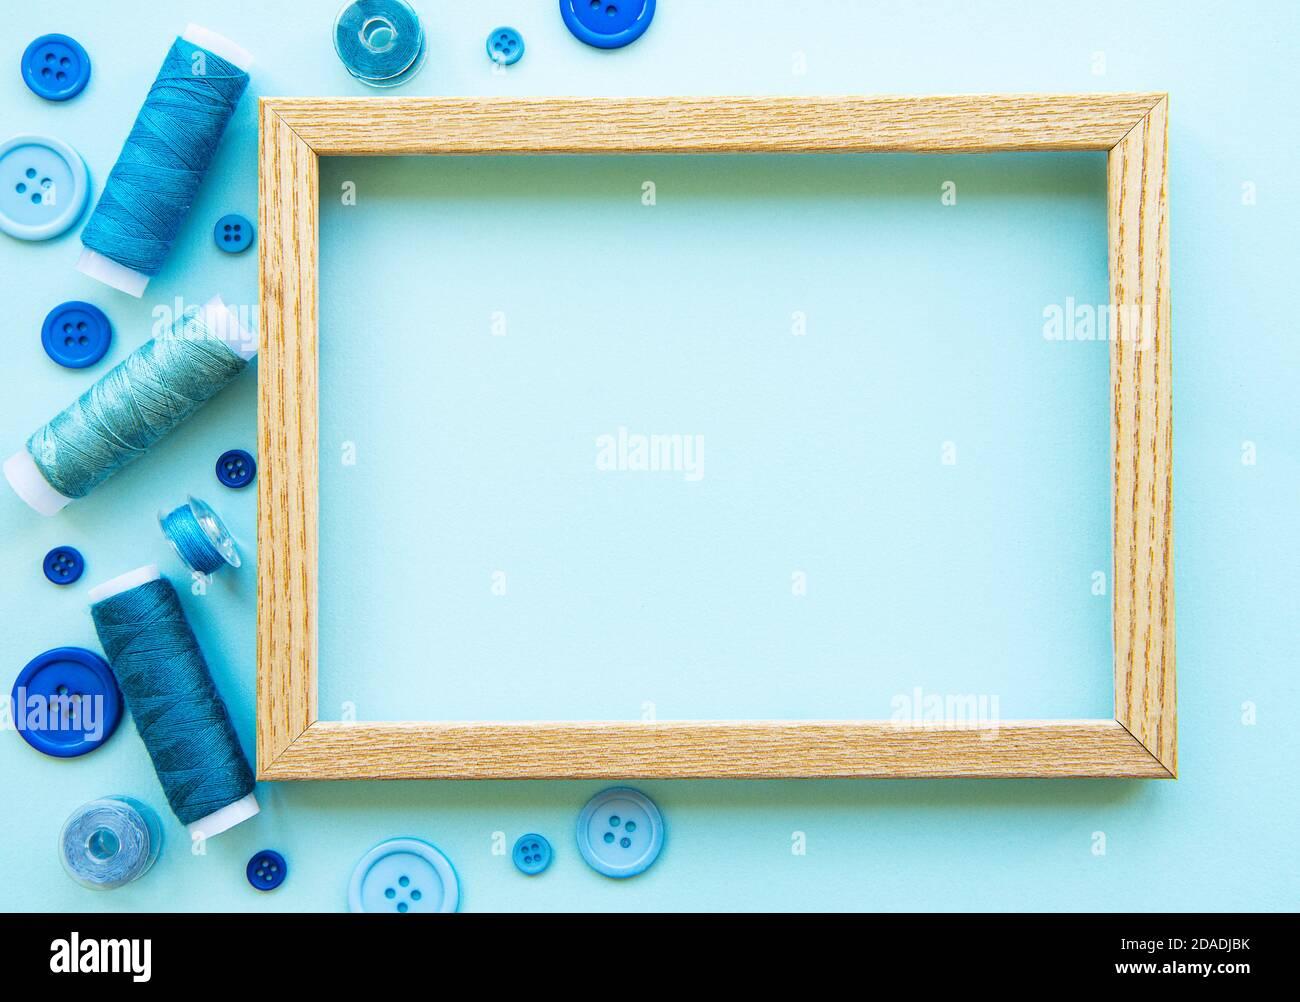 Garnspulen und Knöpfe in Blautönen auf einem Blauer Hintergrund Stockfoto